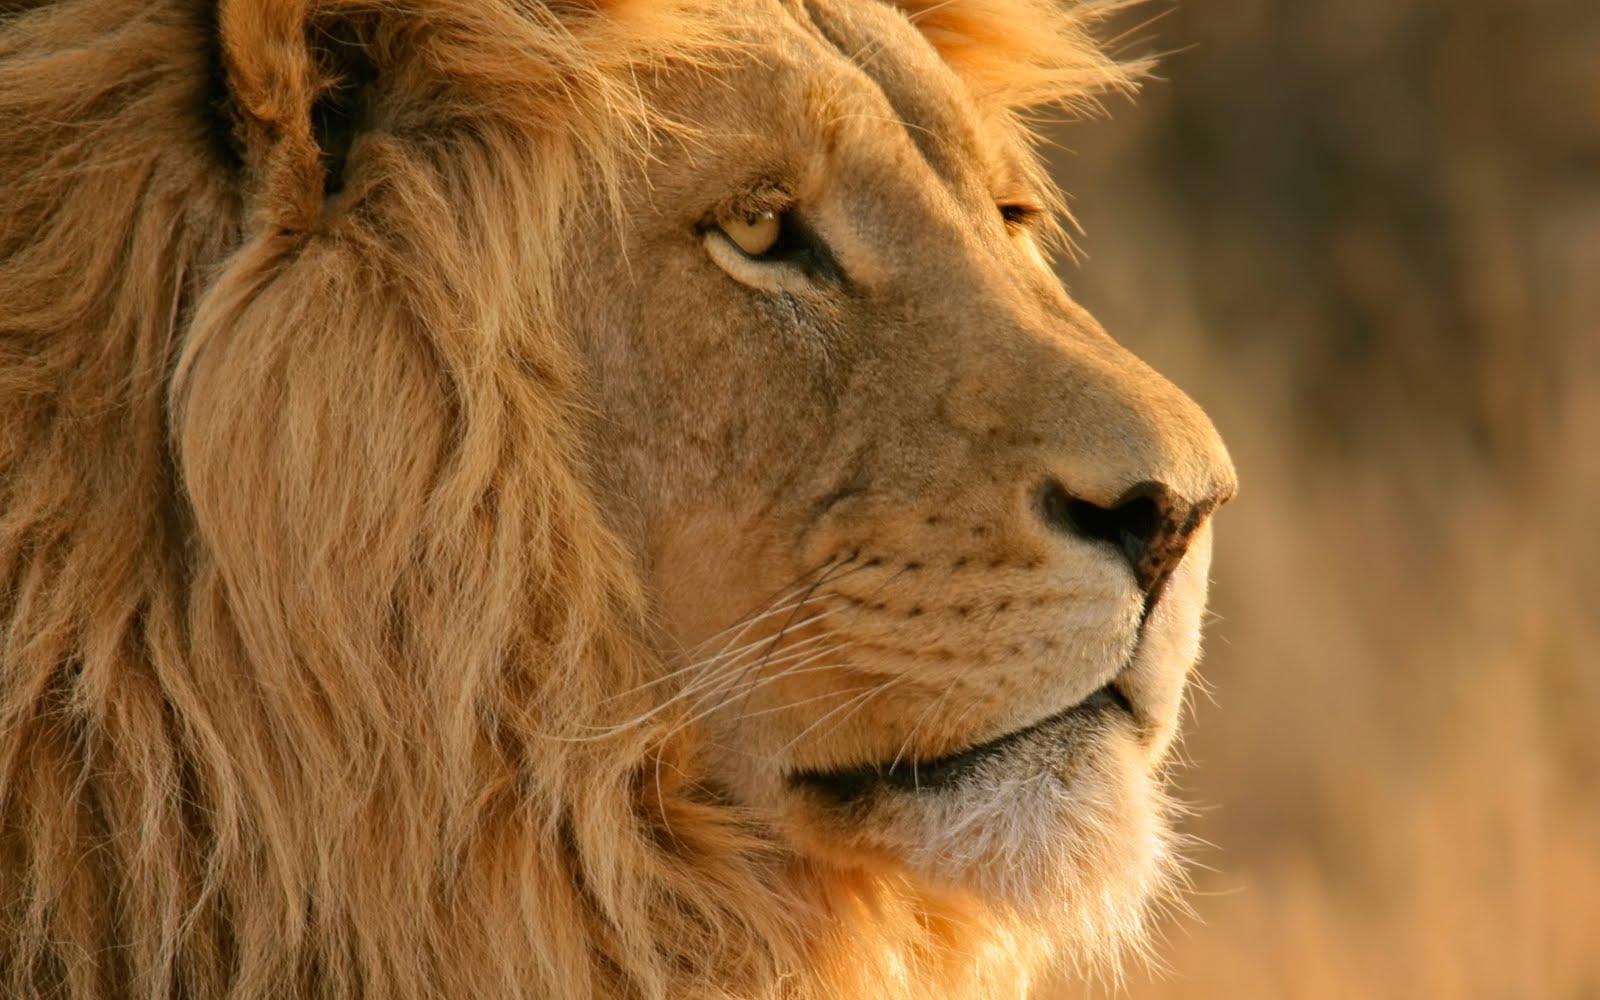 「ライオン 壁紙 mac」の画像検索結果